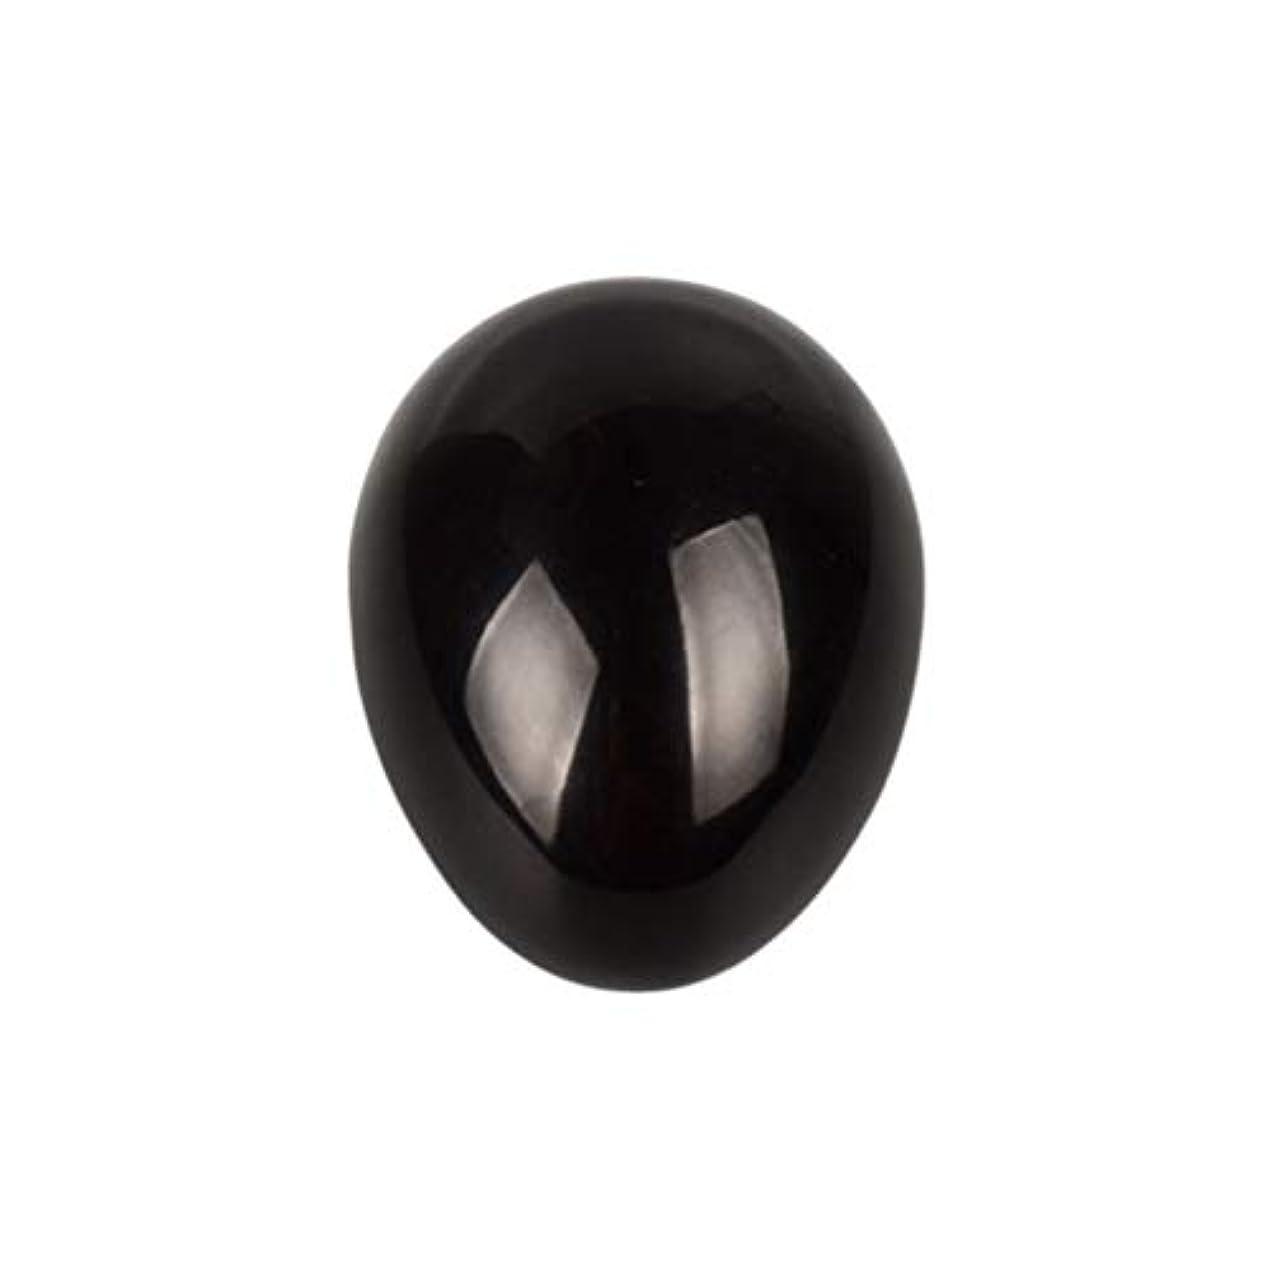 誇り事前遠洋のSUPVOX 45×30×30ミリメートルのバランスをとる瞑想チャクラを癒すための黒曜石宝石用原石の卵球